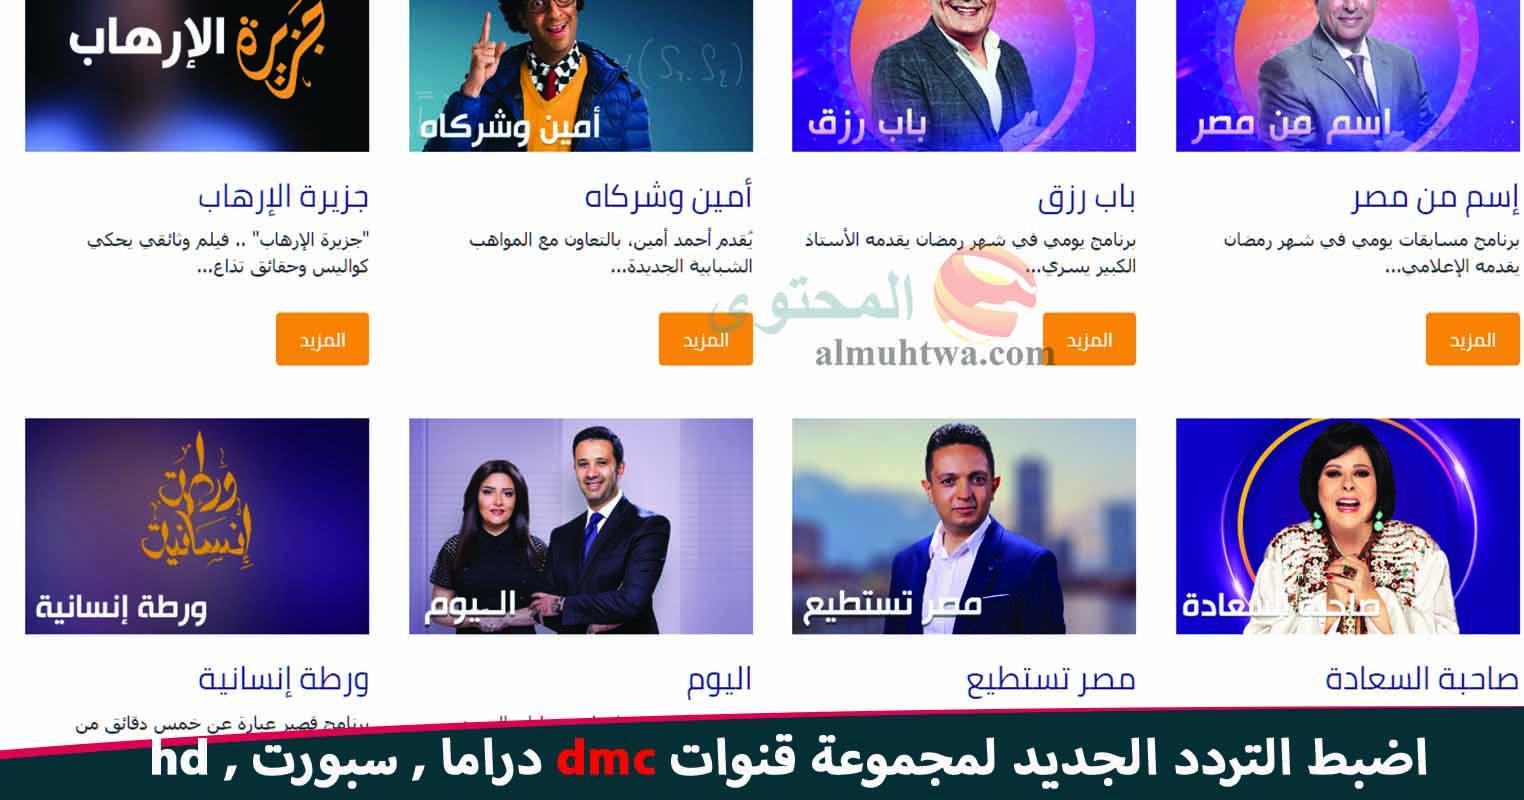 تردد قناة Dmc 2019 دي إم سي على النايل سات عروف